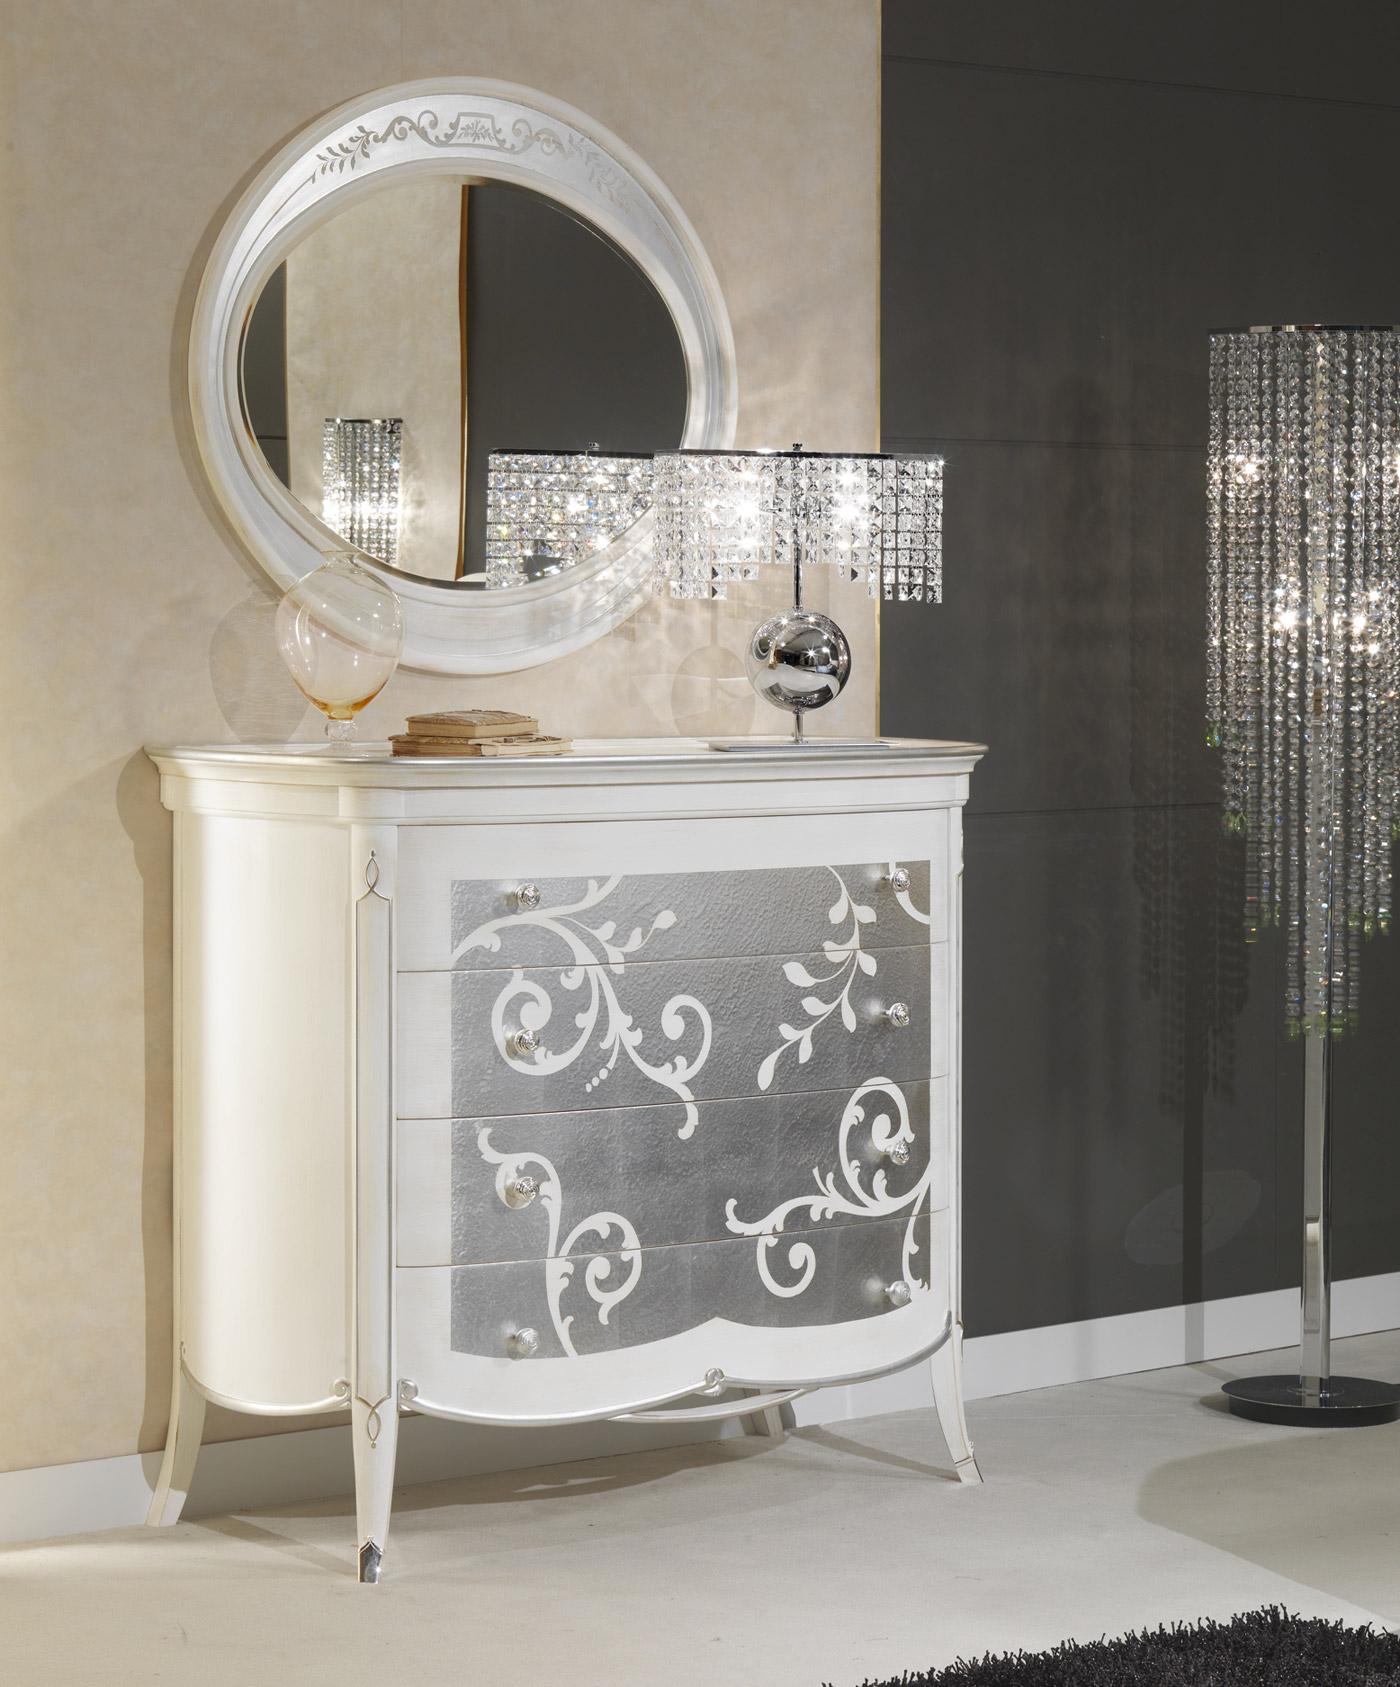 Art dec arredi di lusso per la zona notte - Deco mobili store ...